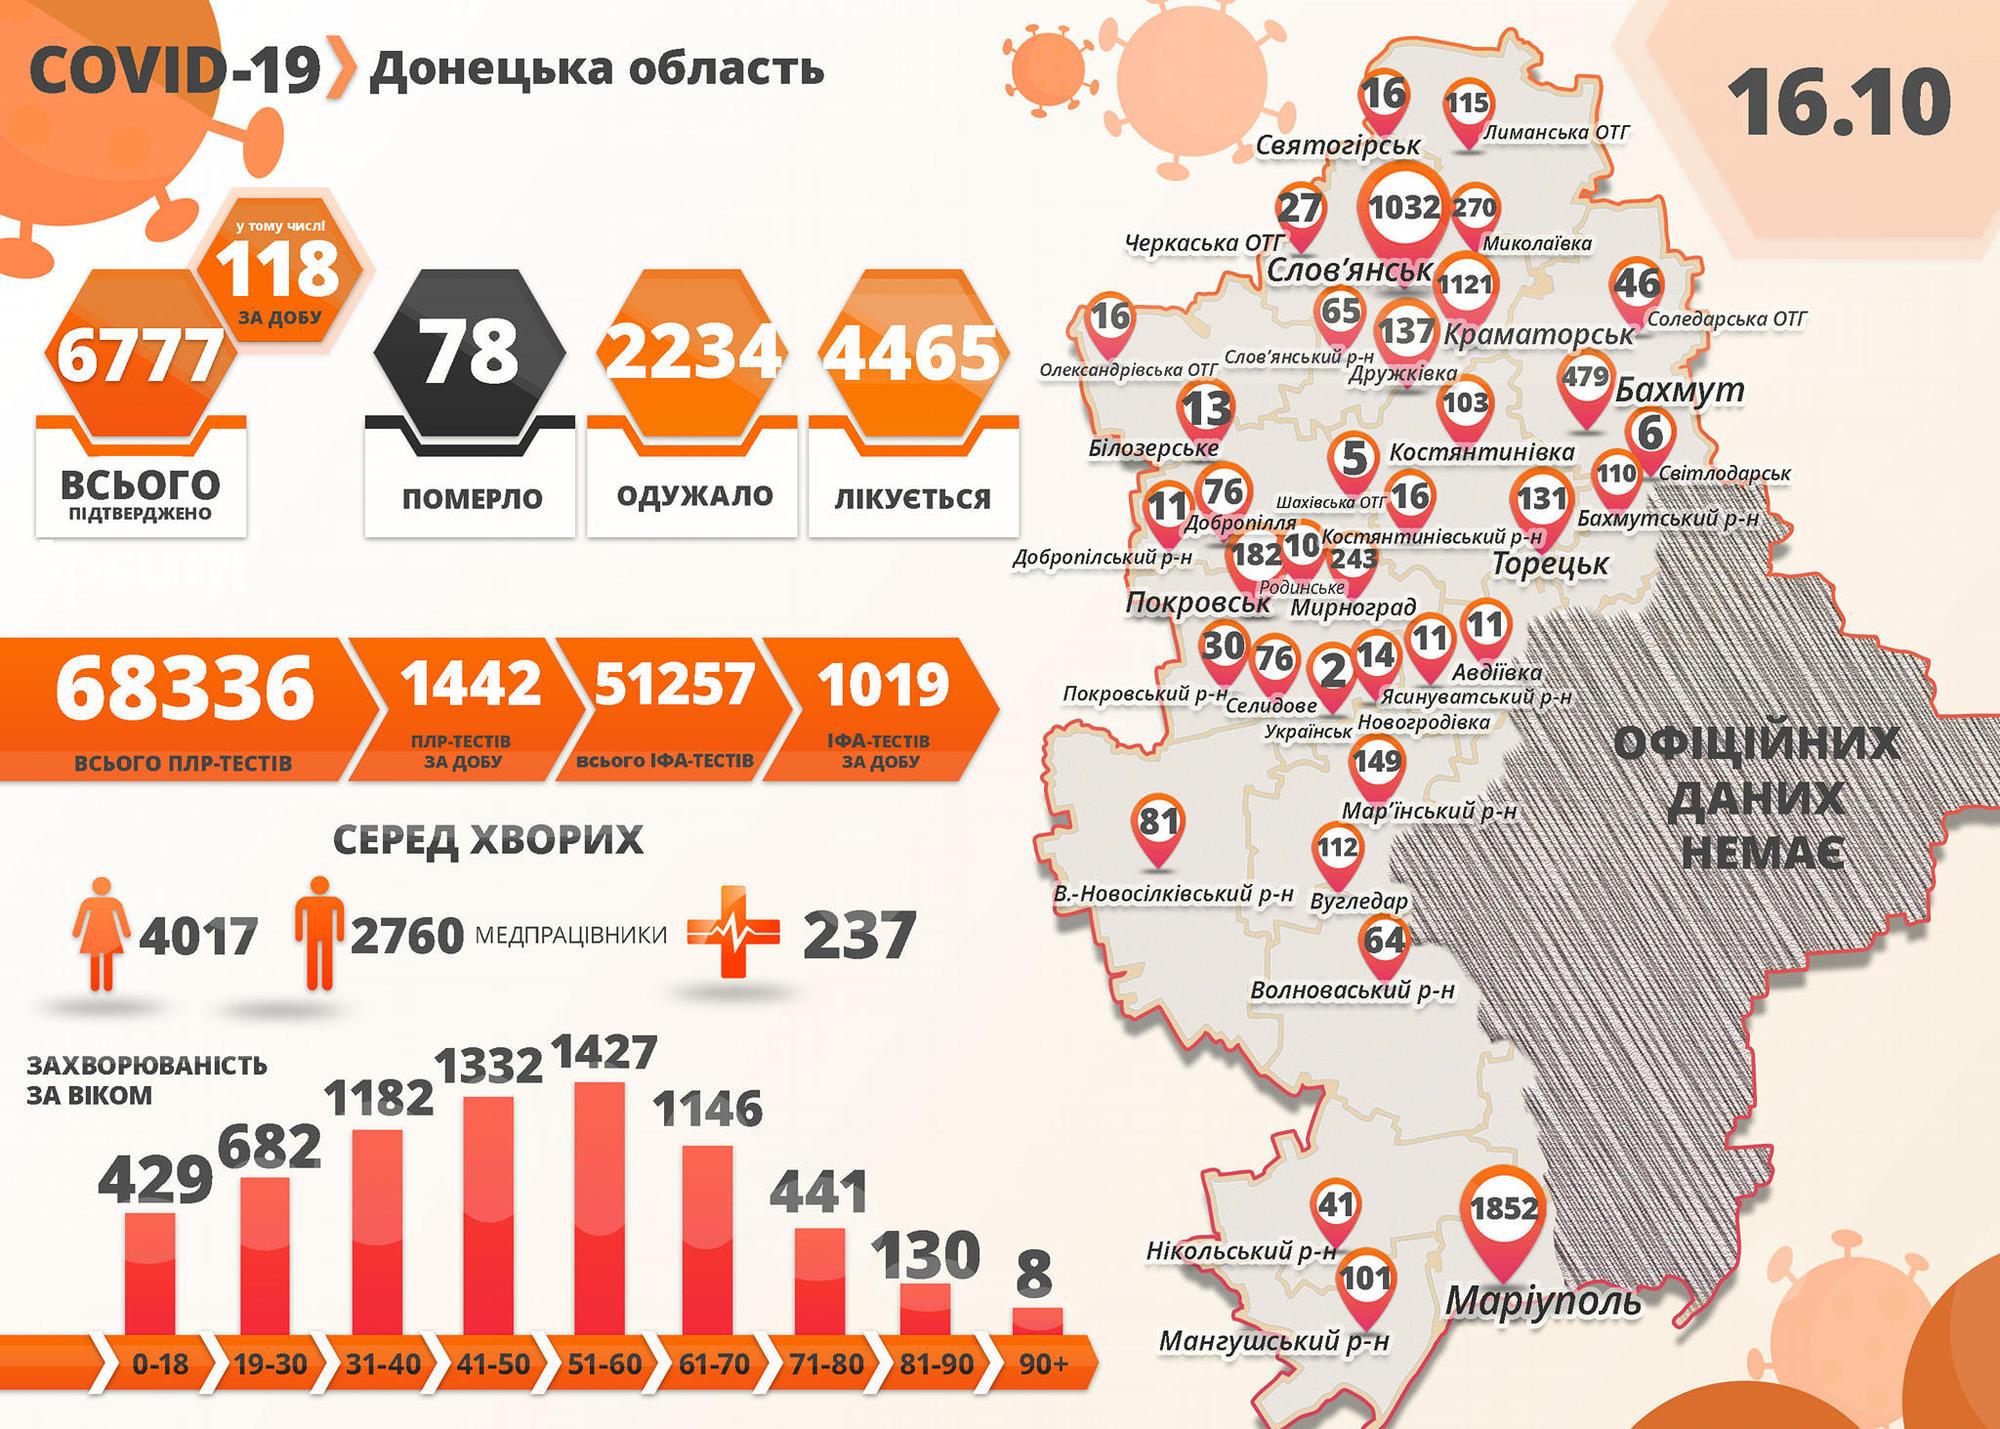 COVID-19: Україна знову б'є власний рекорд, а на підконтрольній Донеччині – ще 118 хворих